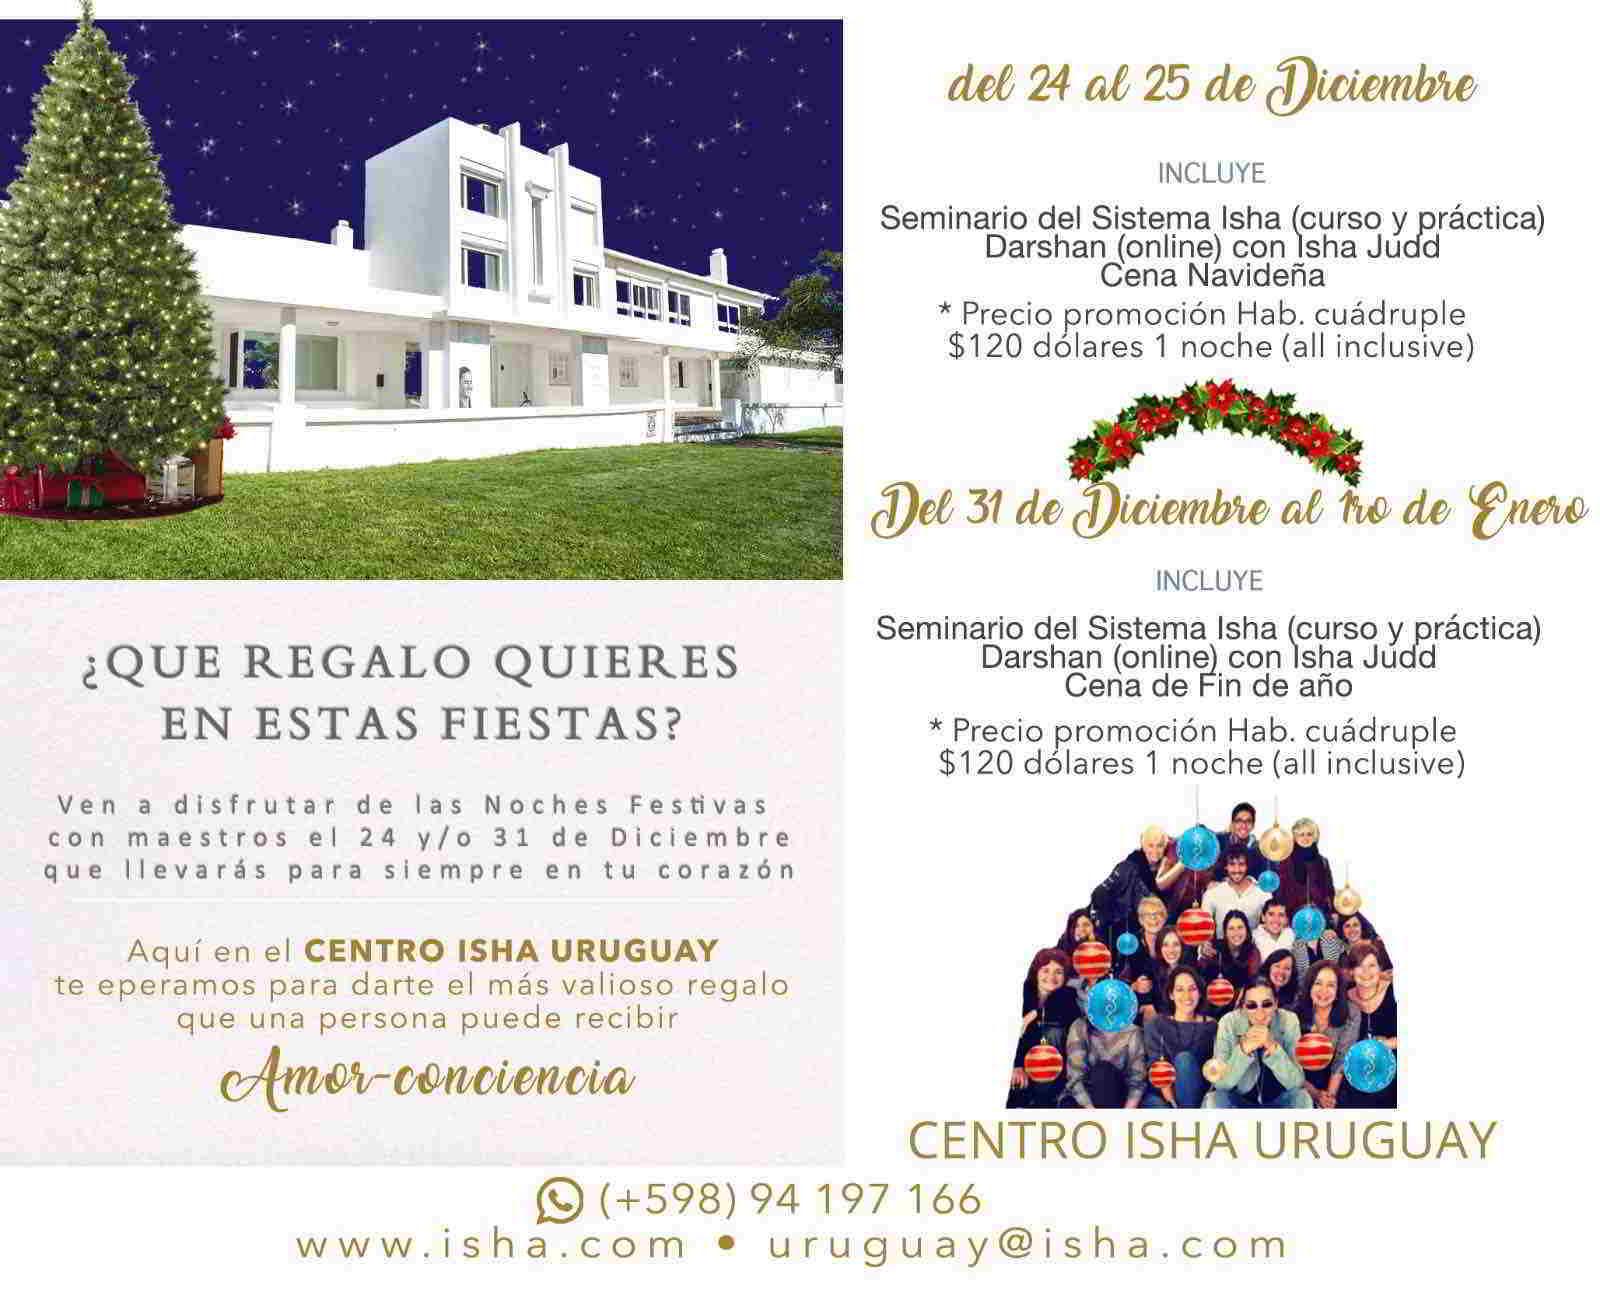 Navidad y Año Nuevo en Centro Isha Uruguay